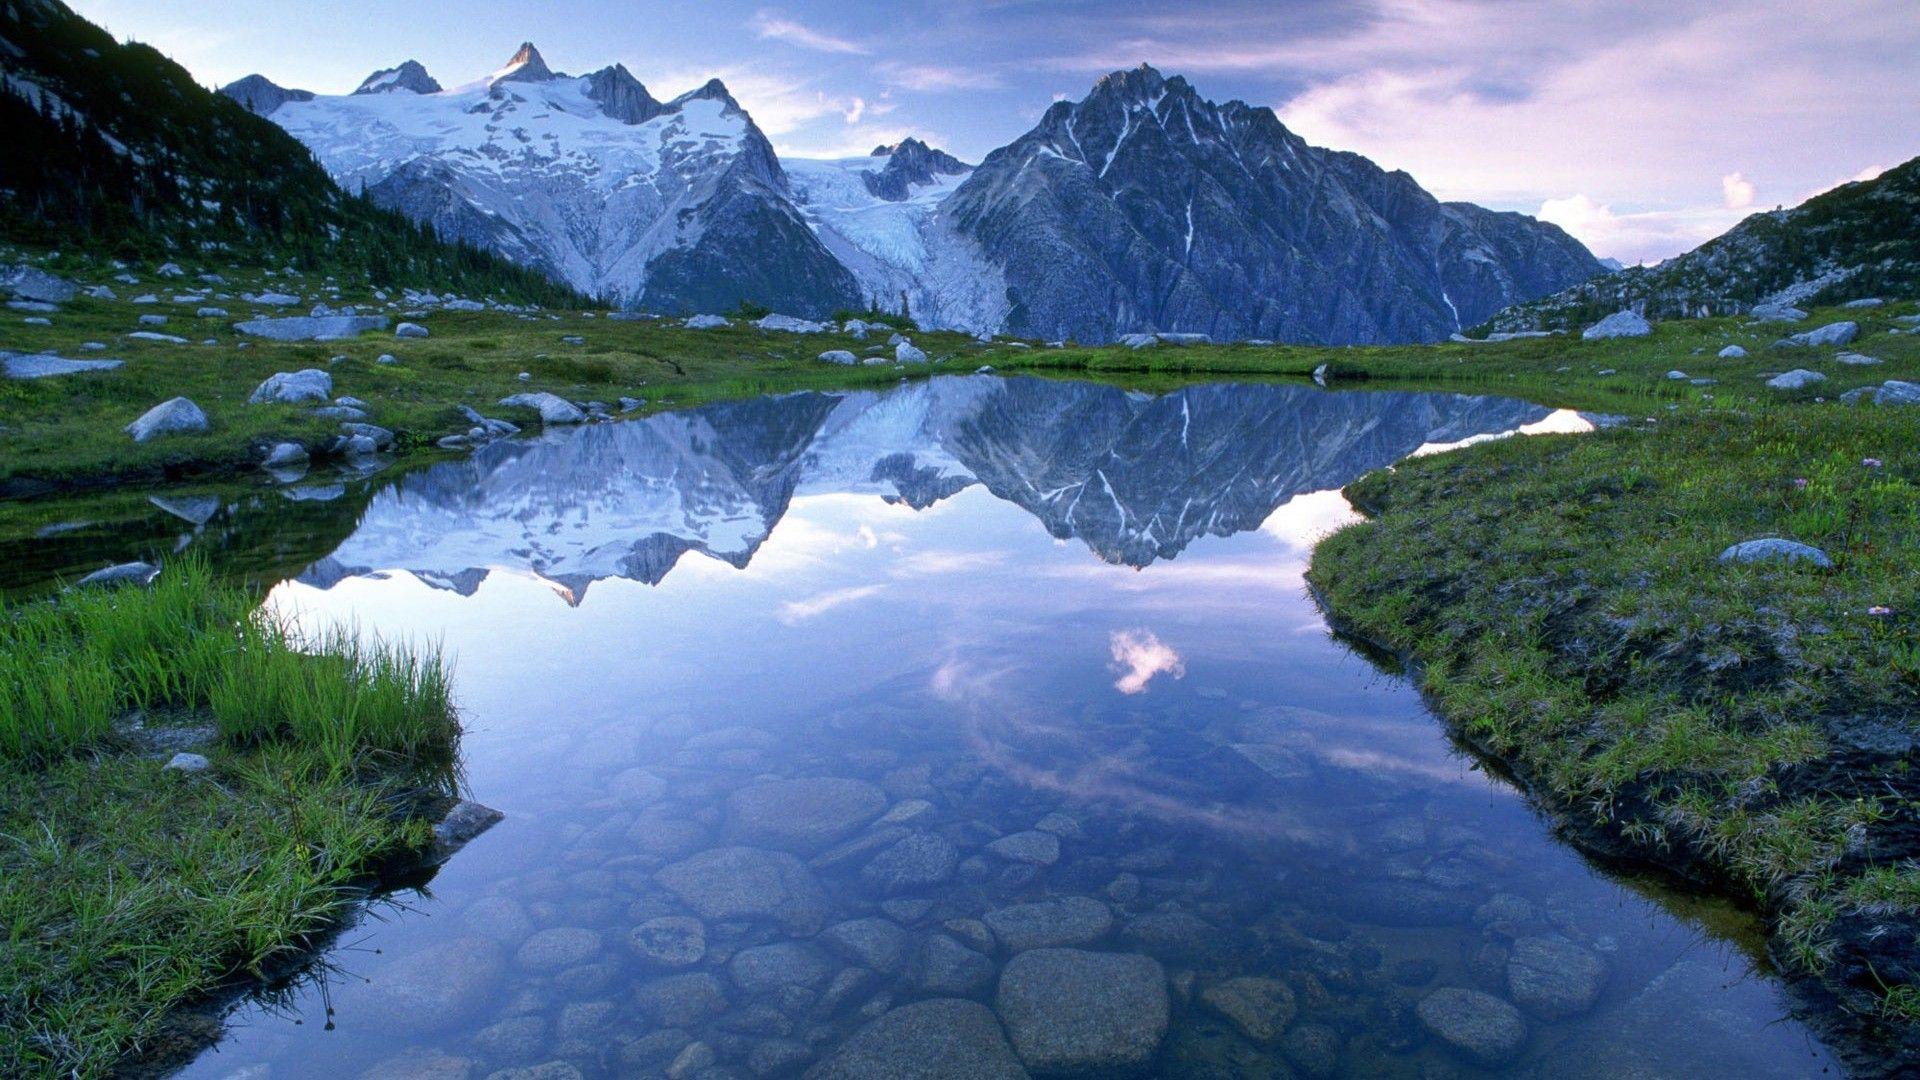 1920x1080 Landschaft Wallpapers Hintergra Nde 2272x1704 Id 400122 Beautiful Landscape Wallpaper Beautiful Landscapes Canada Photography